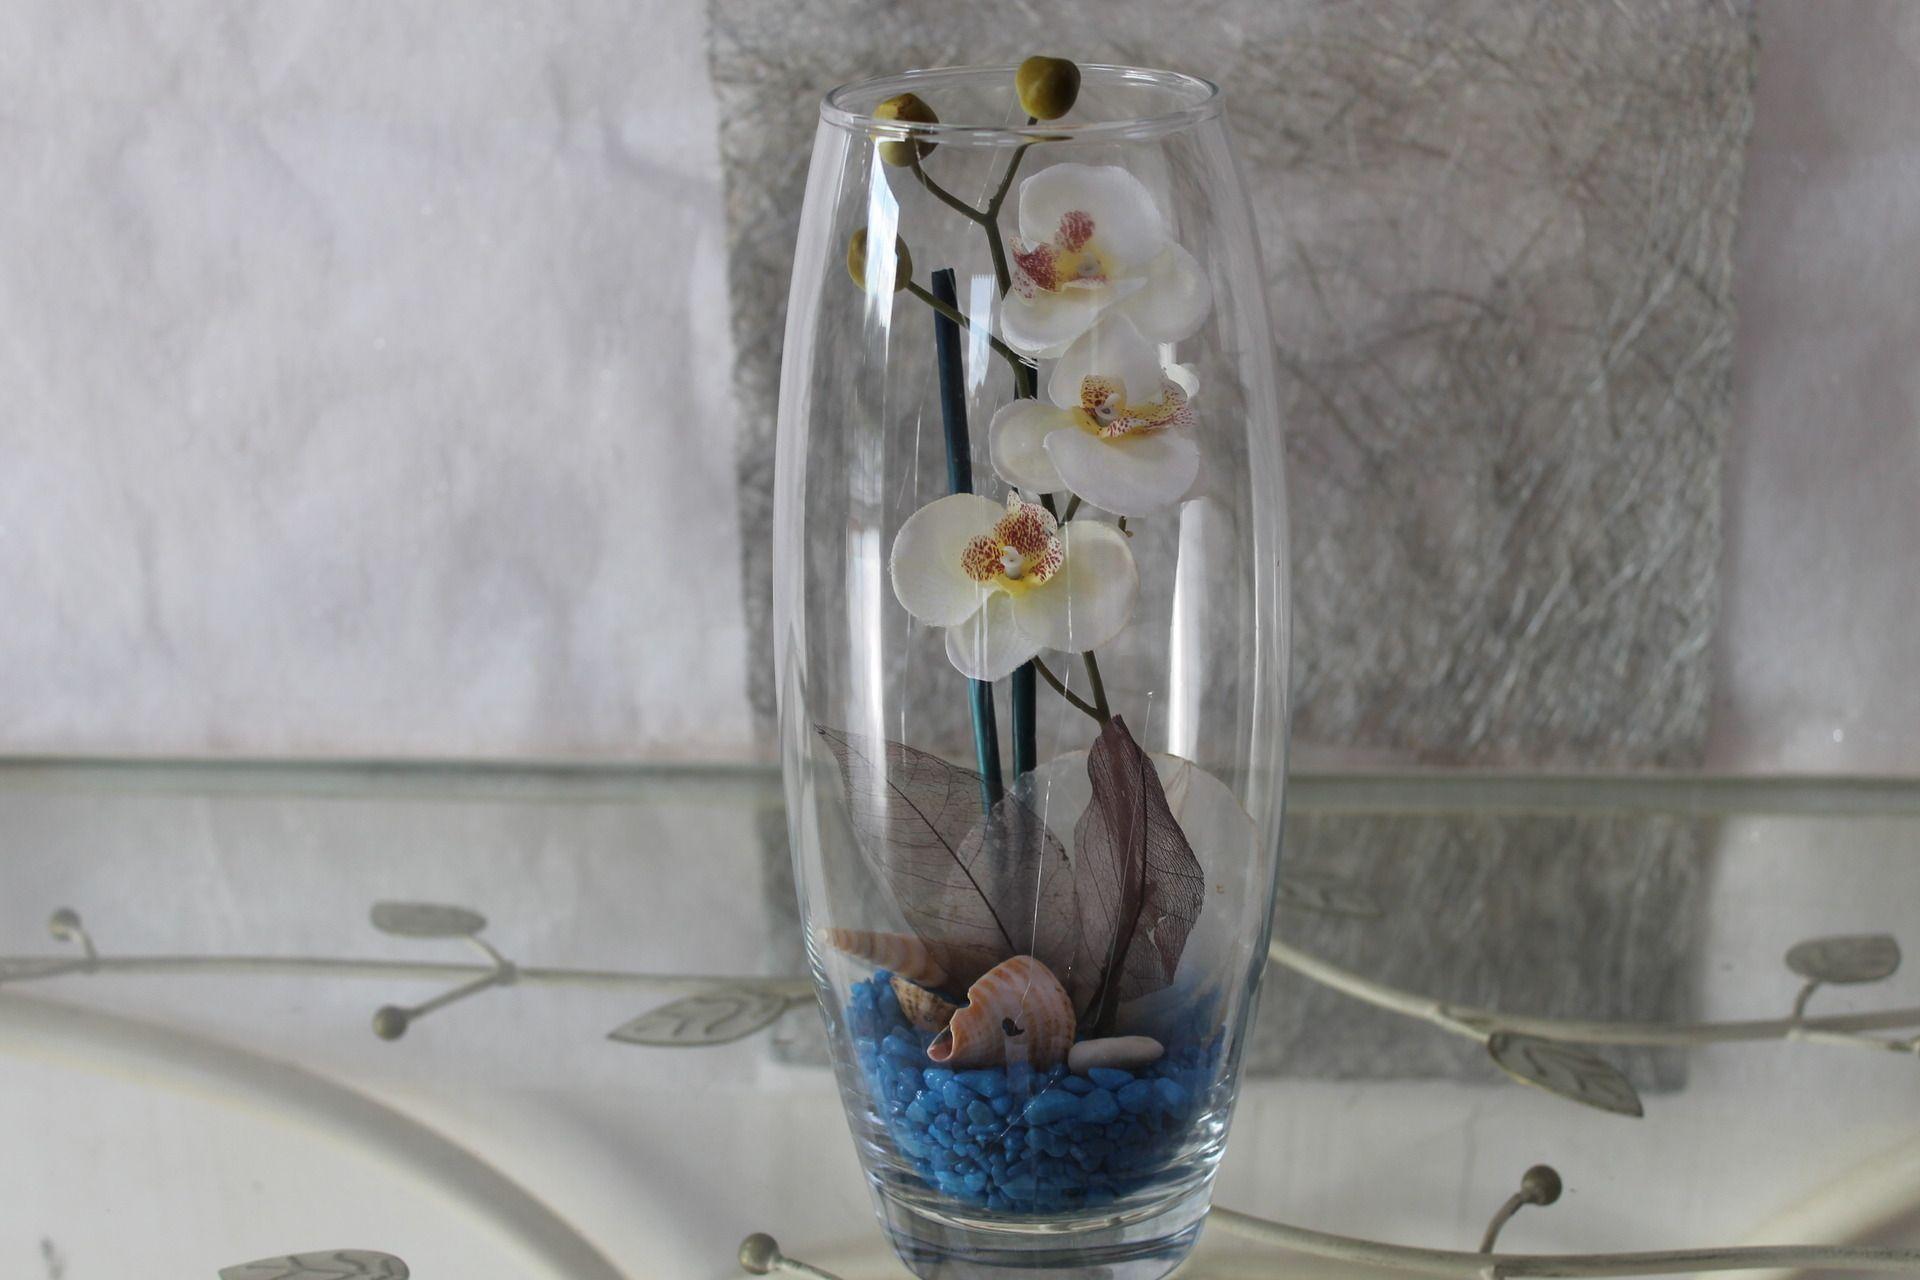 Orchidée Artificielle Dans Vase Transparent Accessoires De Maison Par S Pass Deco Vase Transparent Accessoire Maison Orchidées Artificielles